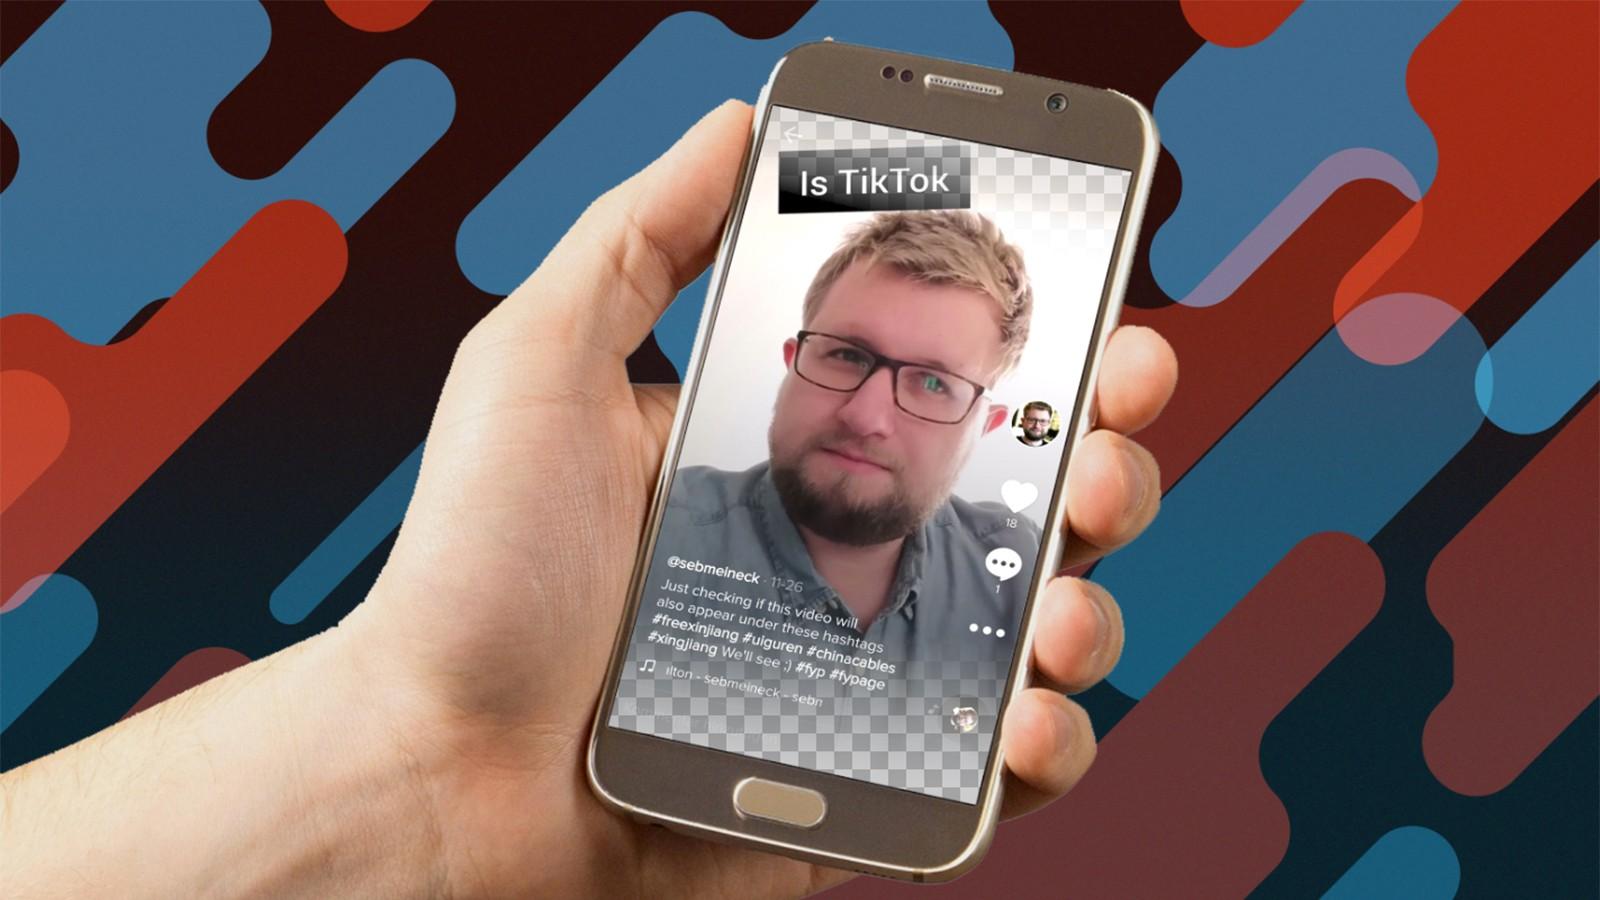 TikTok: Ich habe China kritisiert, dann wurden meine Videos versteckt